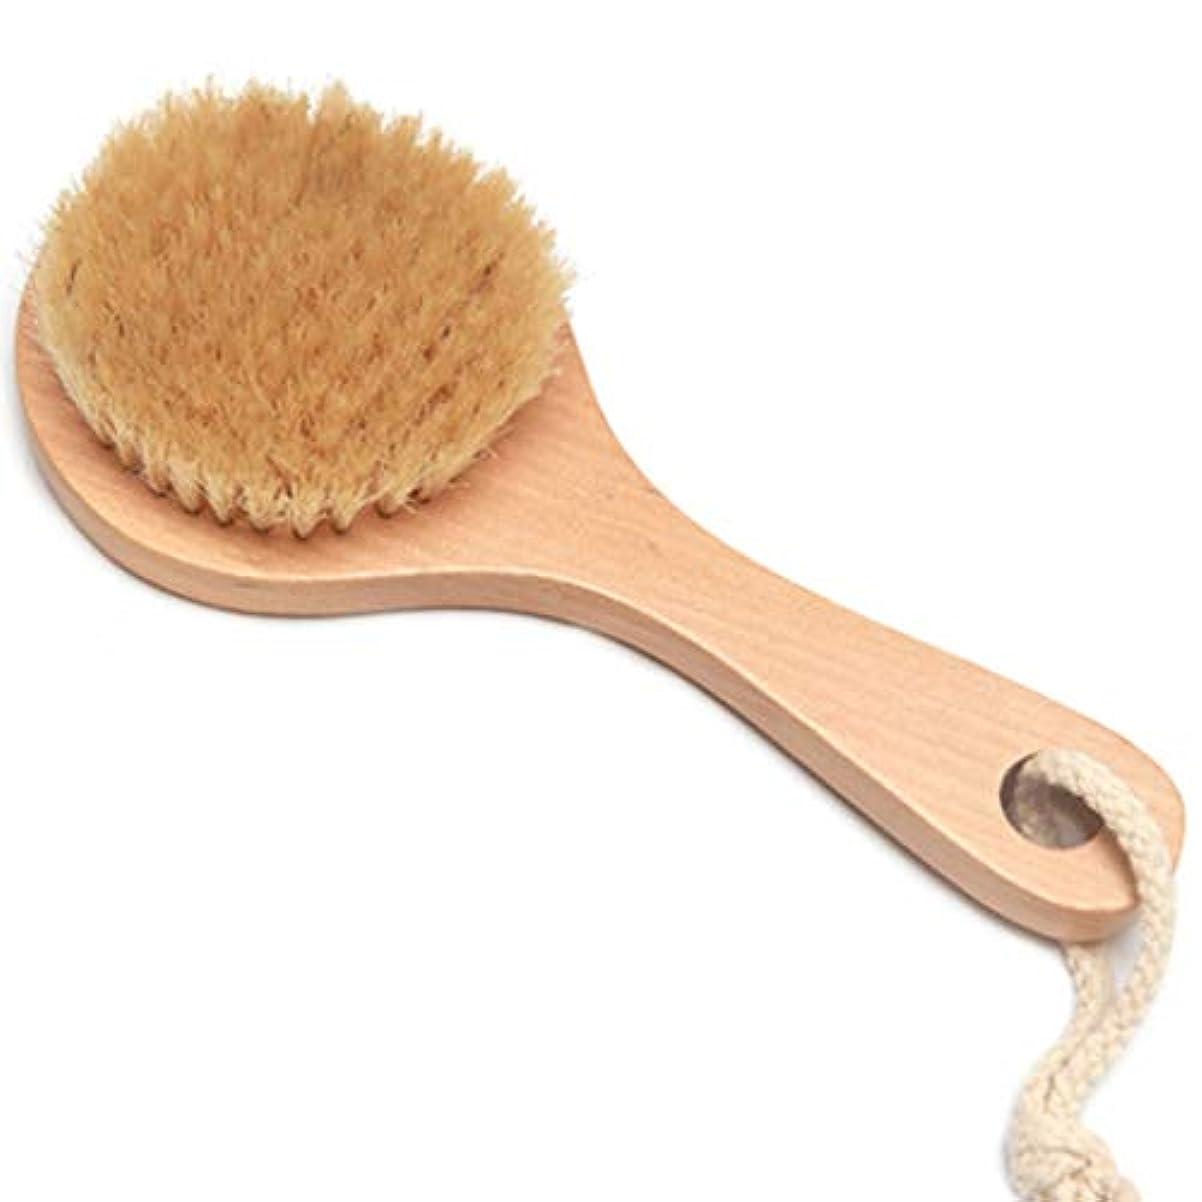 クランプこれら二度バスブラシバックブラシロングハンドルやわらかい毛髪バスブラシバスブラシ角質除去クリーニングブラシ (Color : Wood color, Size : 20*7.5cm)